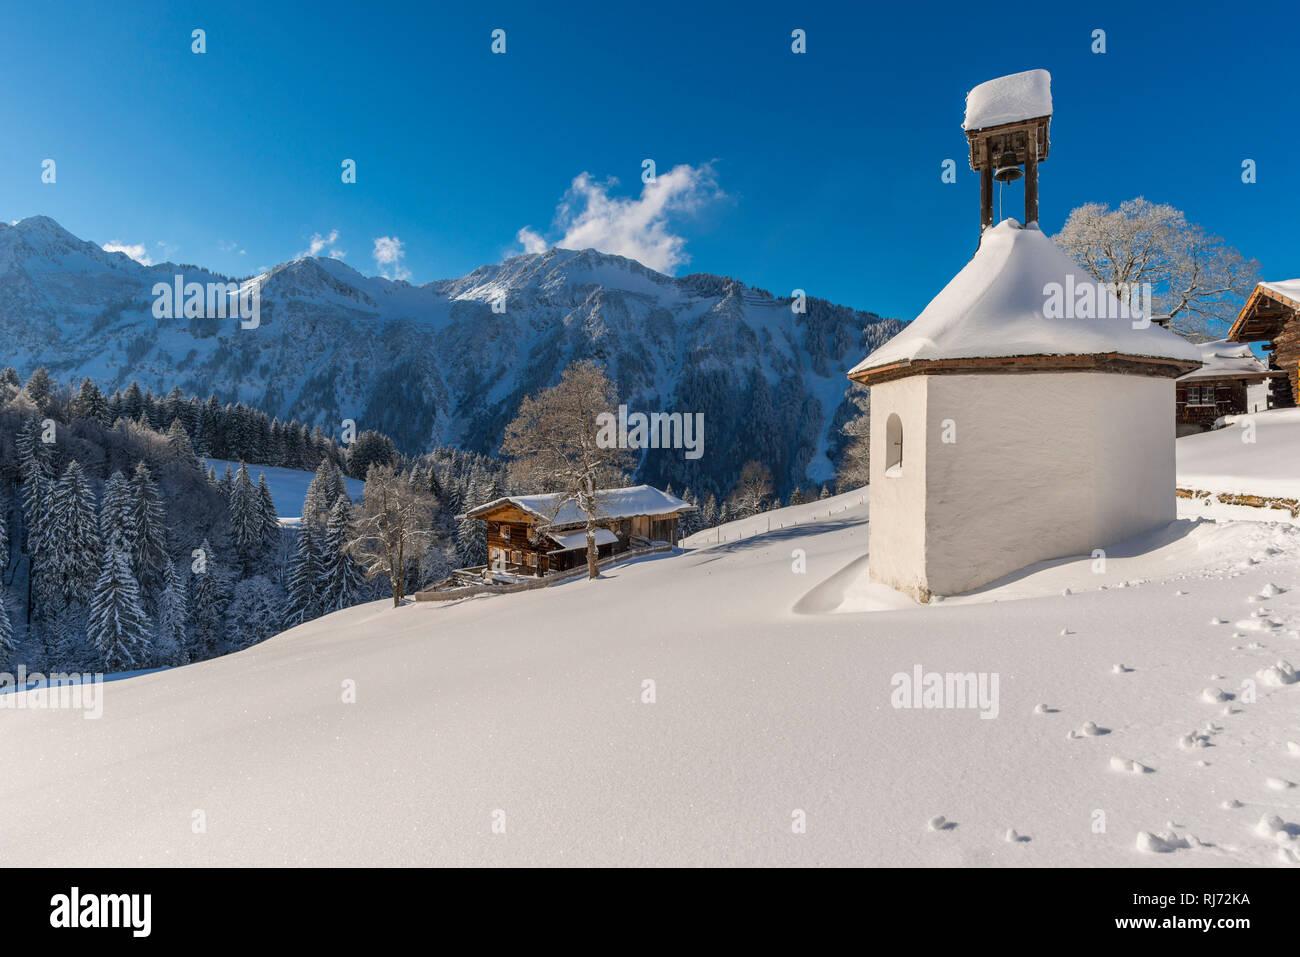 Gerstruben, ein ehemaliges Bergbauerndorf im Dietersbachtal bei Oberstdorf, dahinter der Himmelschrofenzug, Allgäuer Alpen, Allgäu, Bayern, Deutschlan Stock Photo